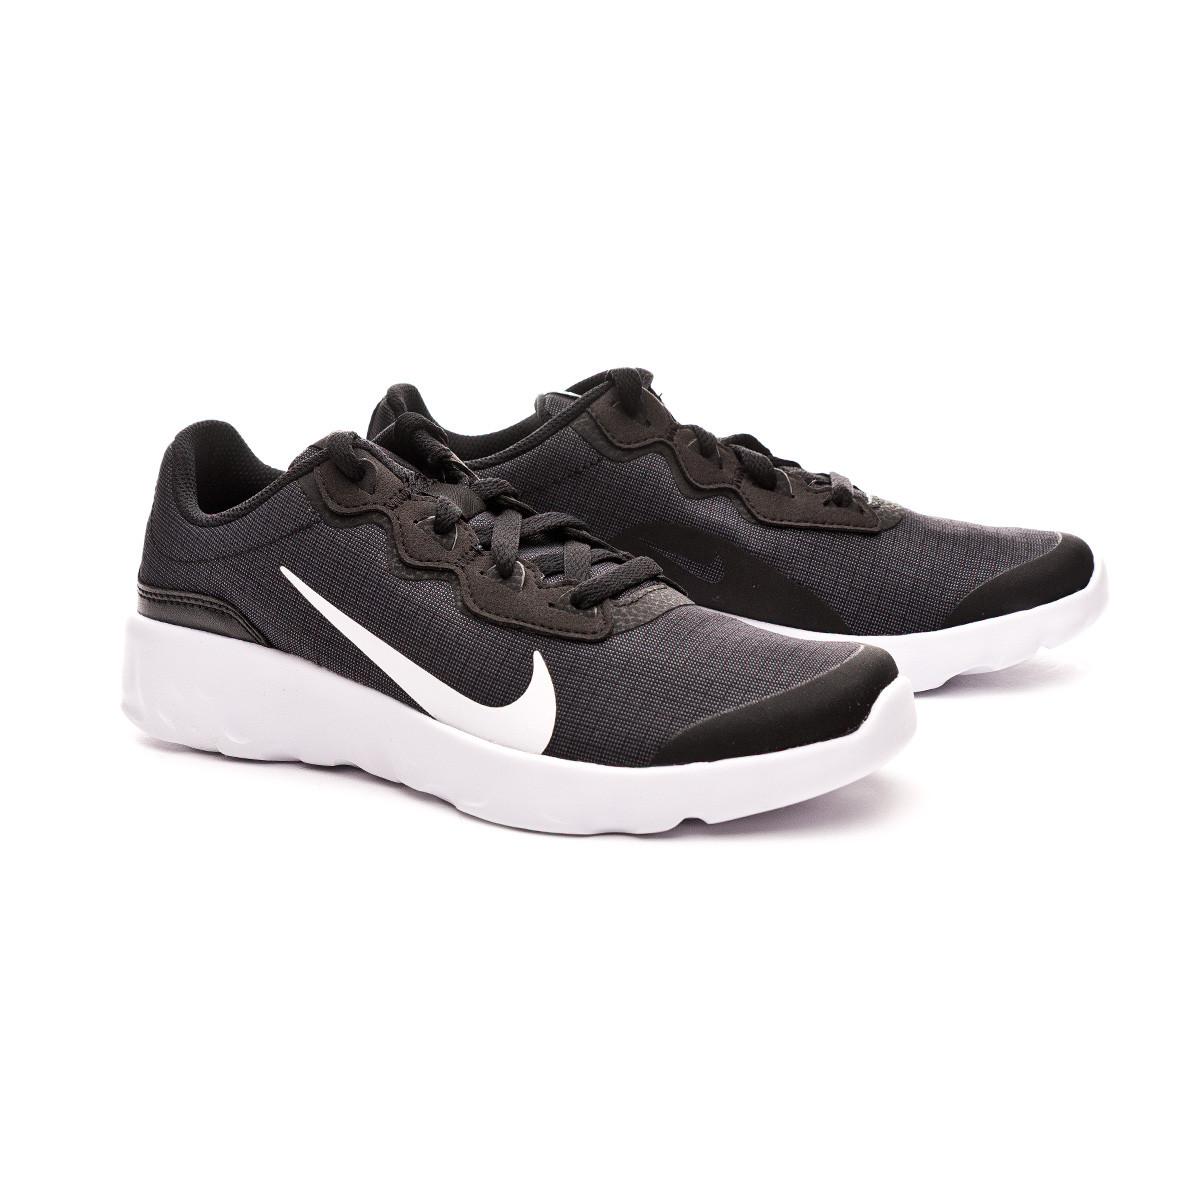 Nike Explore Strada Niño Trainers